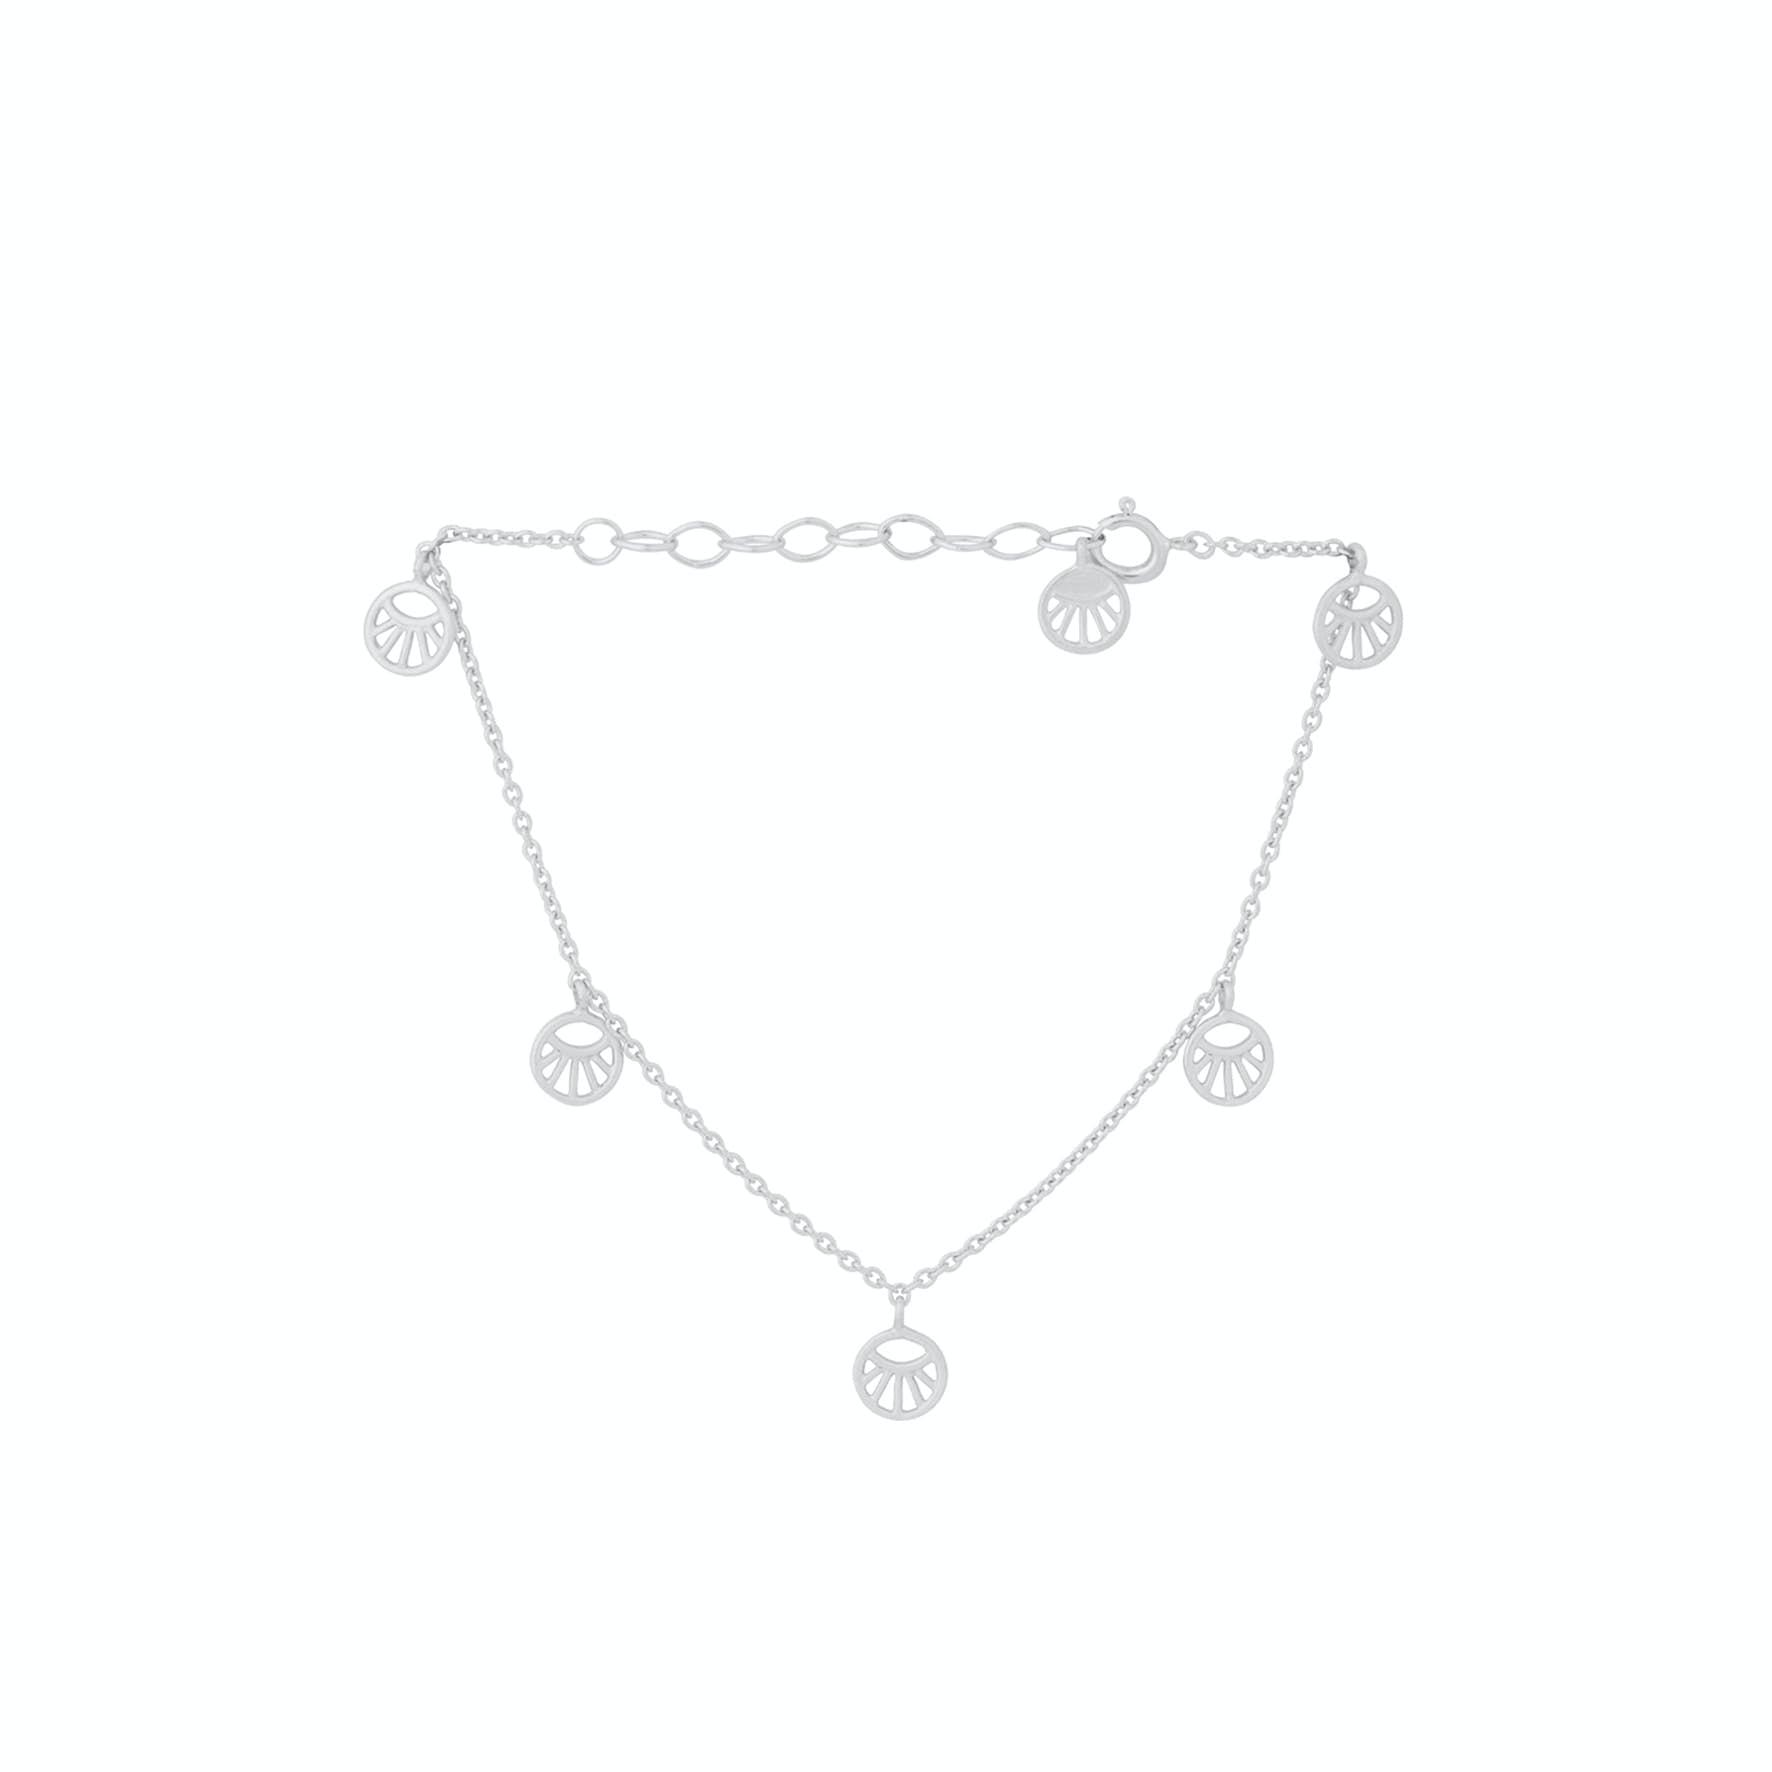 Mini Daylight Bracelet from Pernille Corydon in Silver Sterling 925